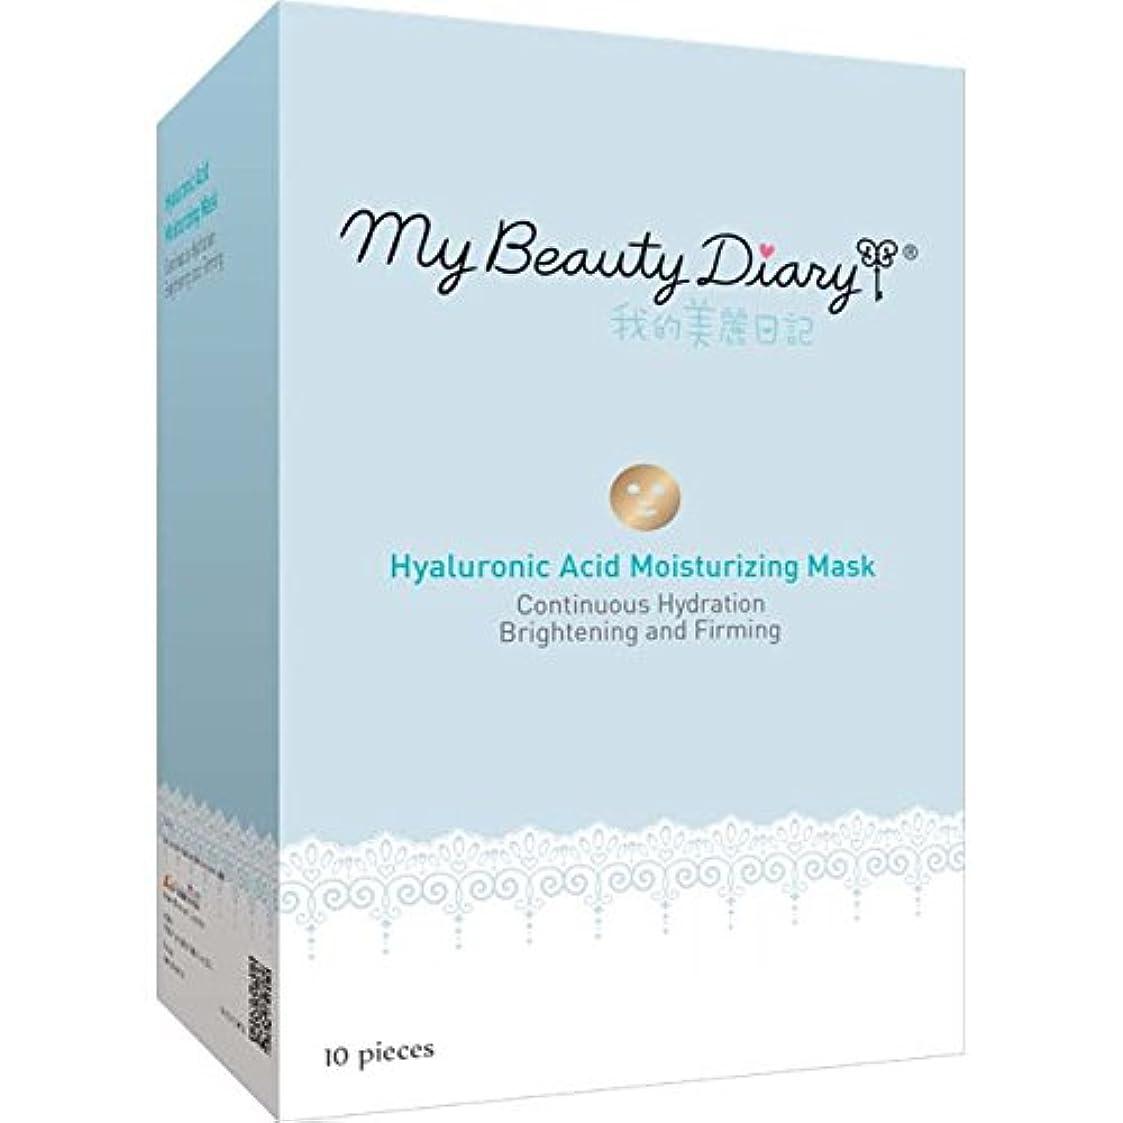 弓マラウイドナウ川My Beauty Diary Facial Mask, Hyaluronic Acid Hydrating 2015, 10 Count